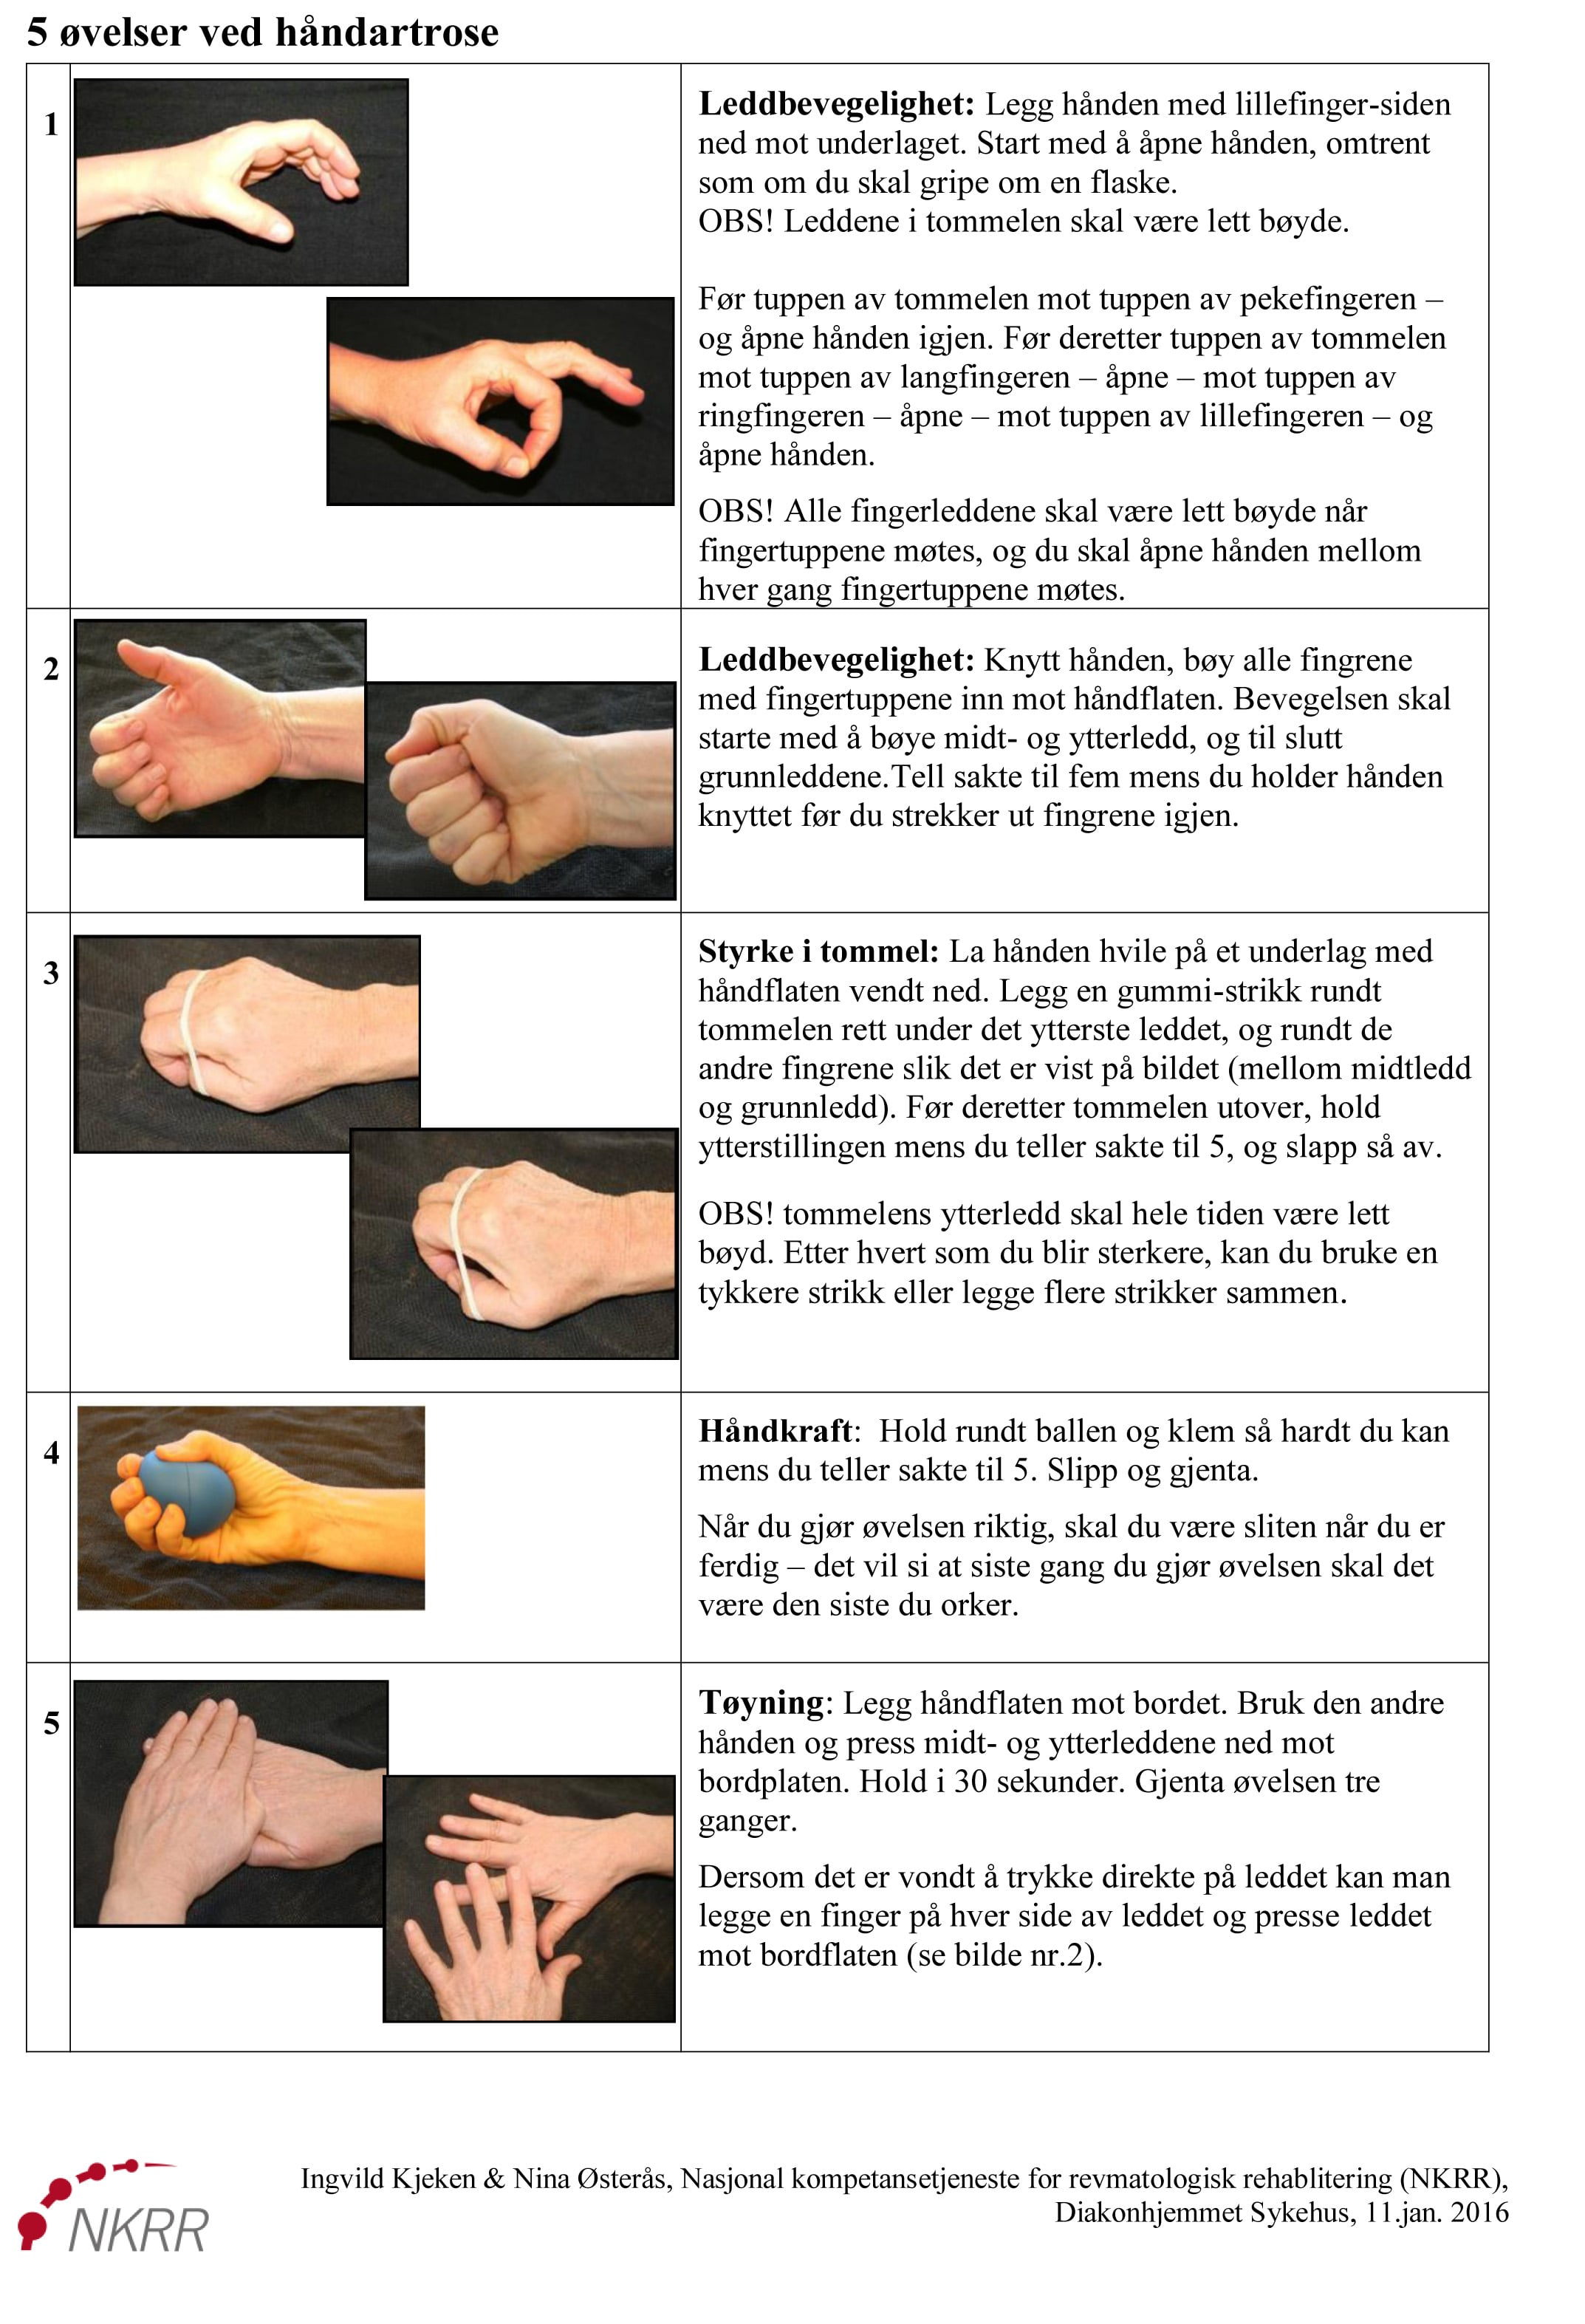 artrose trening hånd øvelser www.forskerlivet.no